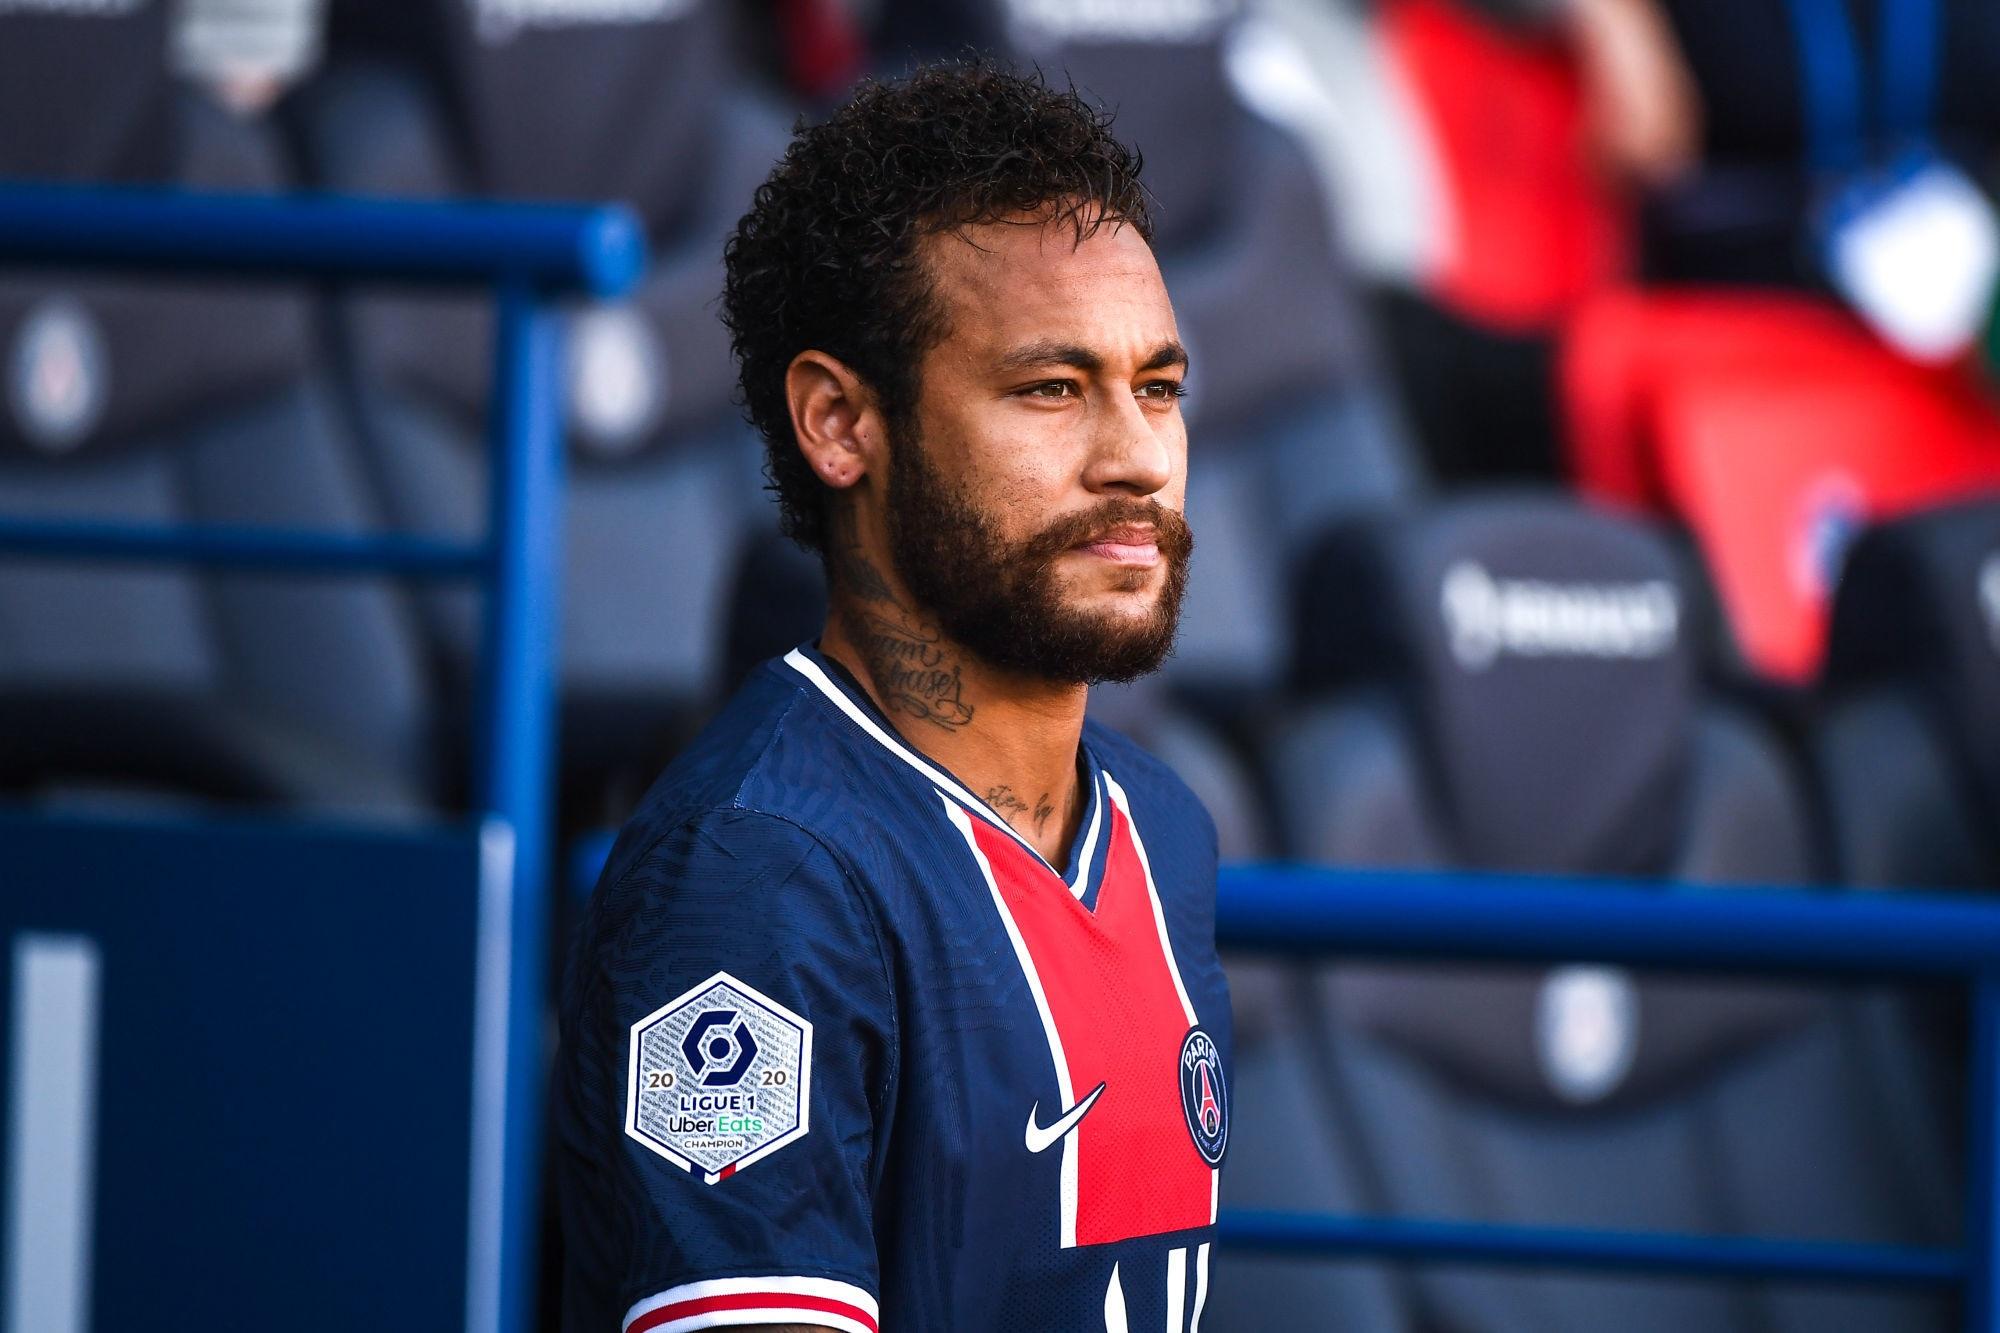 Neymar touché au mollet, des examens passés pour en savoir indique L'Equipe